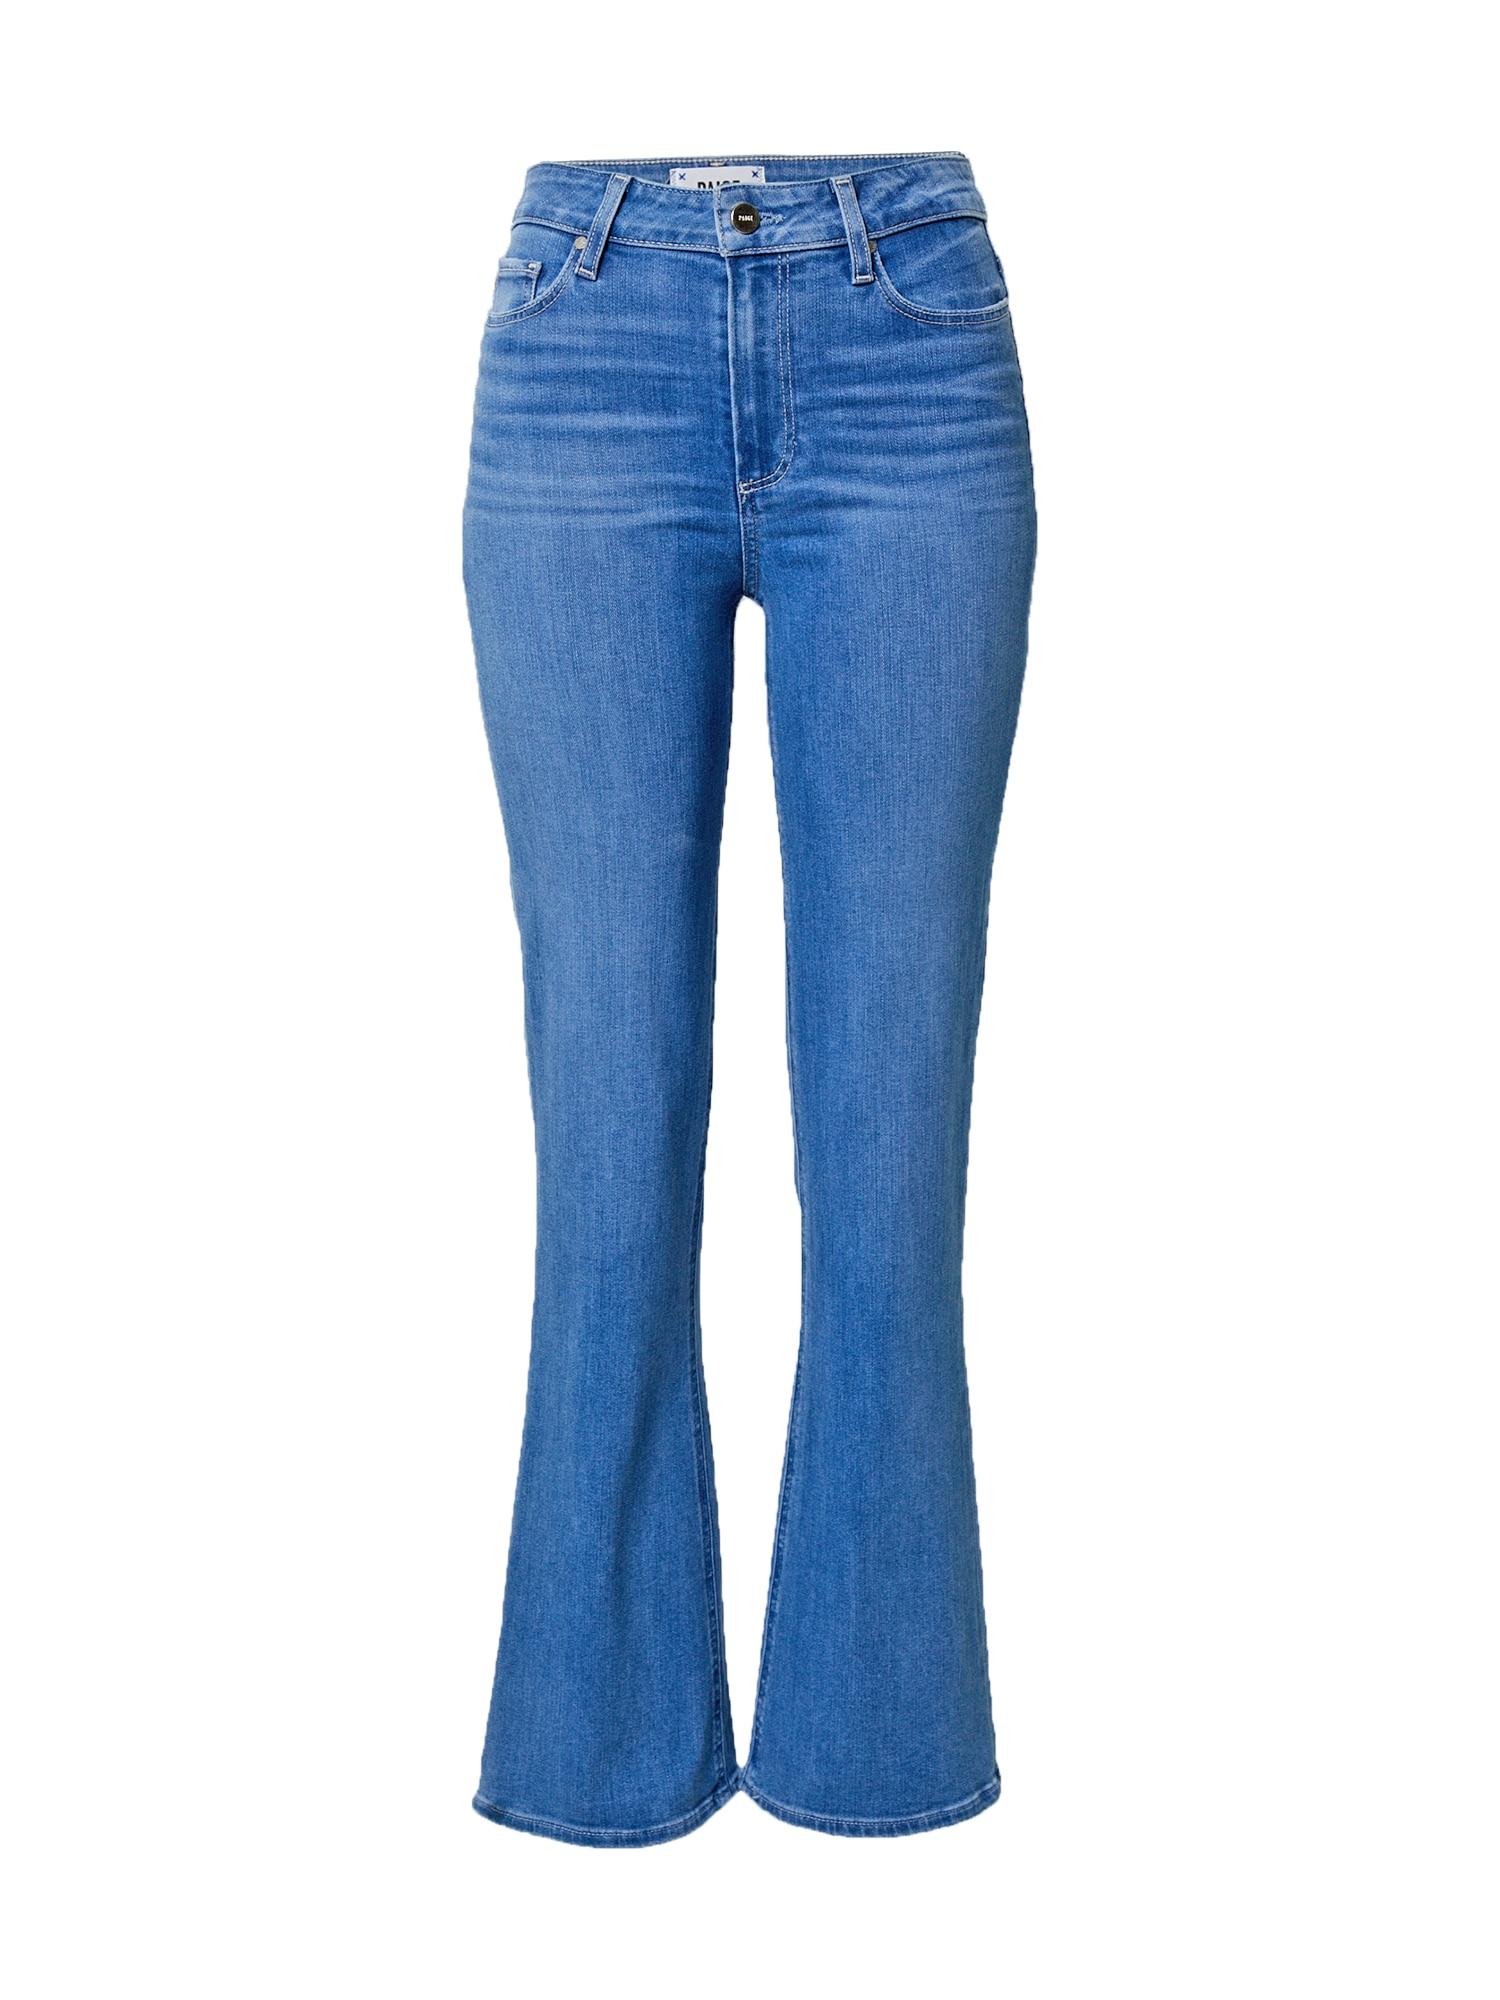 PAIGE Džinsai tamsiai (džinso) mėlyna